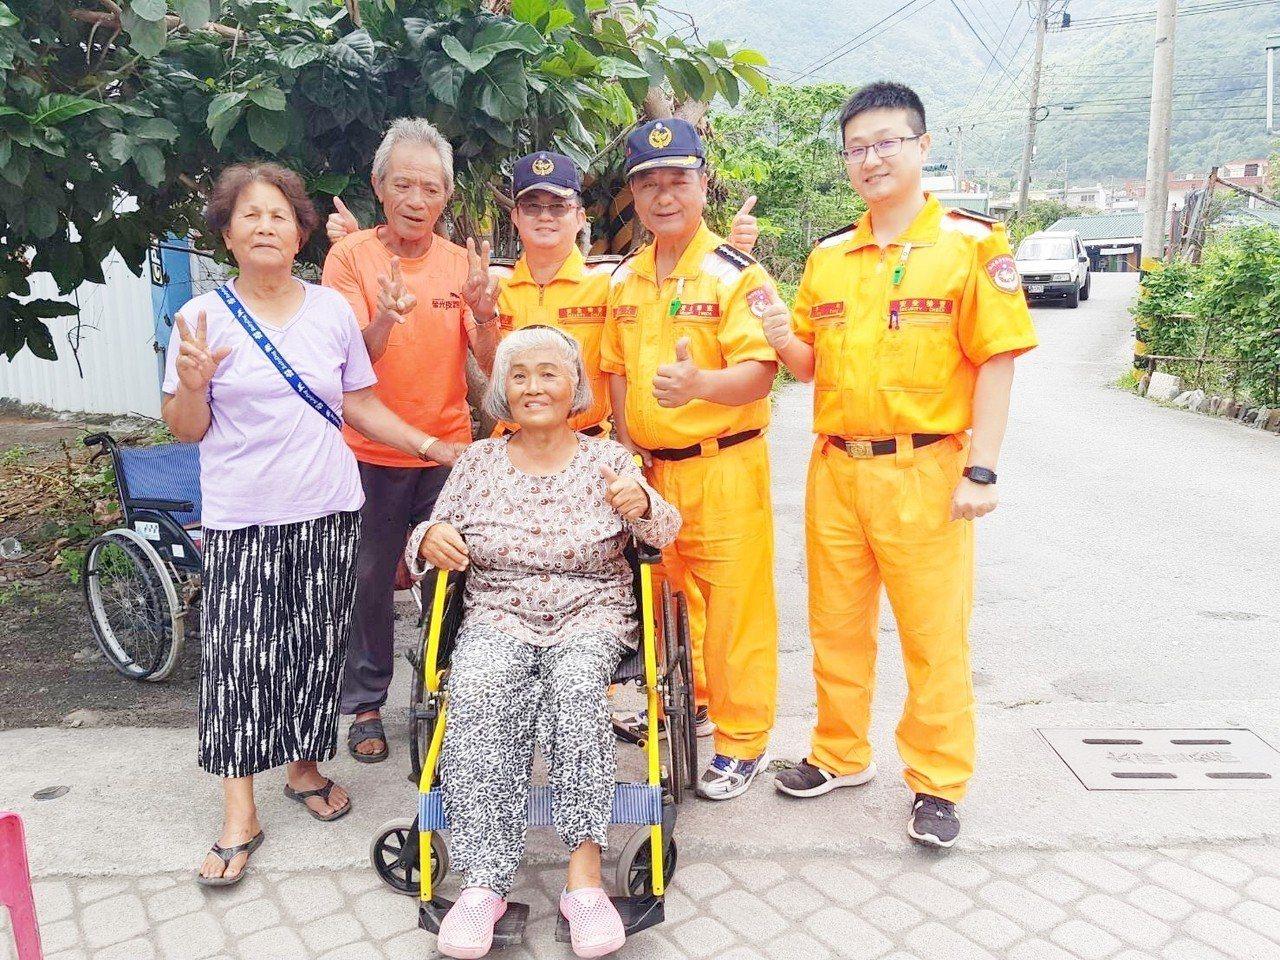 香蘭安檢所為住在安檢所附近74歲羅姓阿嬤募得一台全新輪椅,讓阿嬤可以外出與街坊鄰...